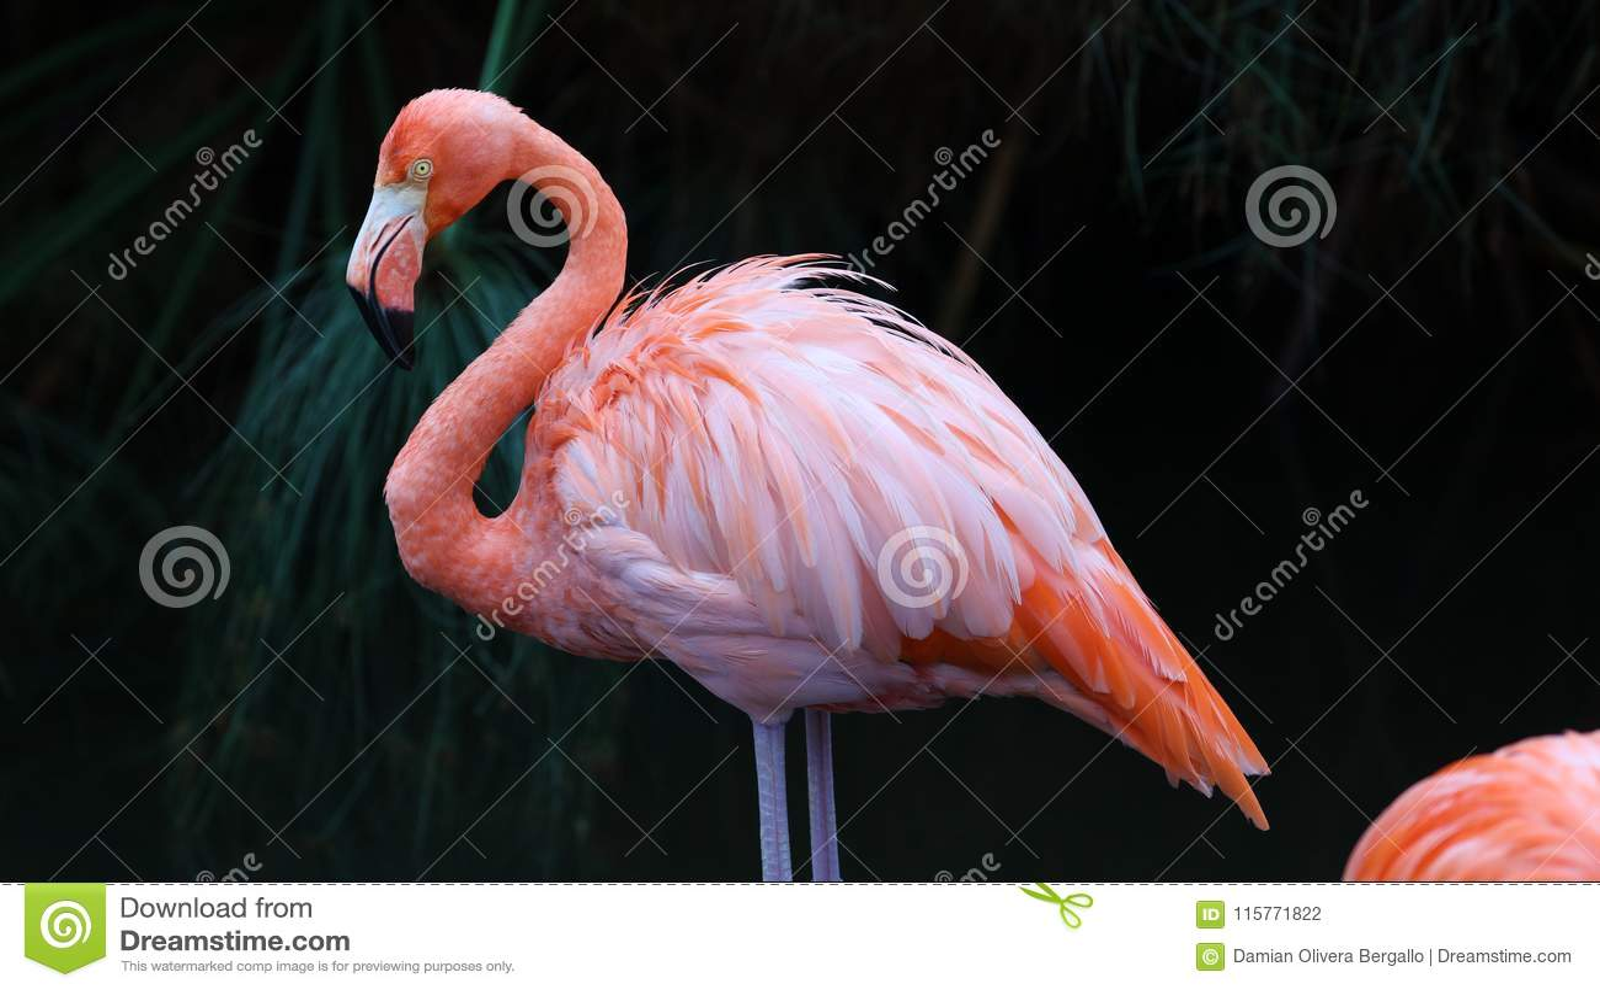 Unik röd flamingo i en sjö, högt definitionfoto av detta underbara fågel- i Sydamerika